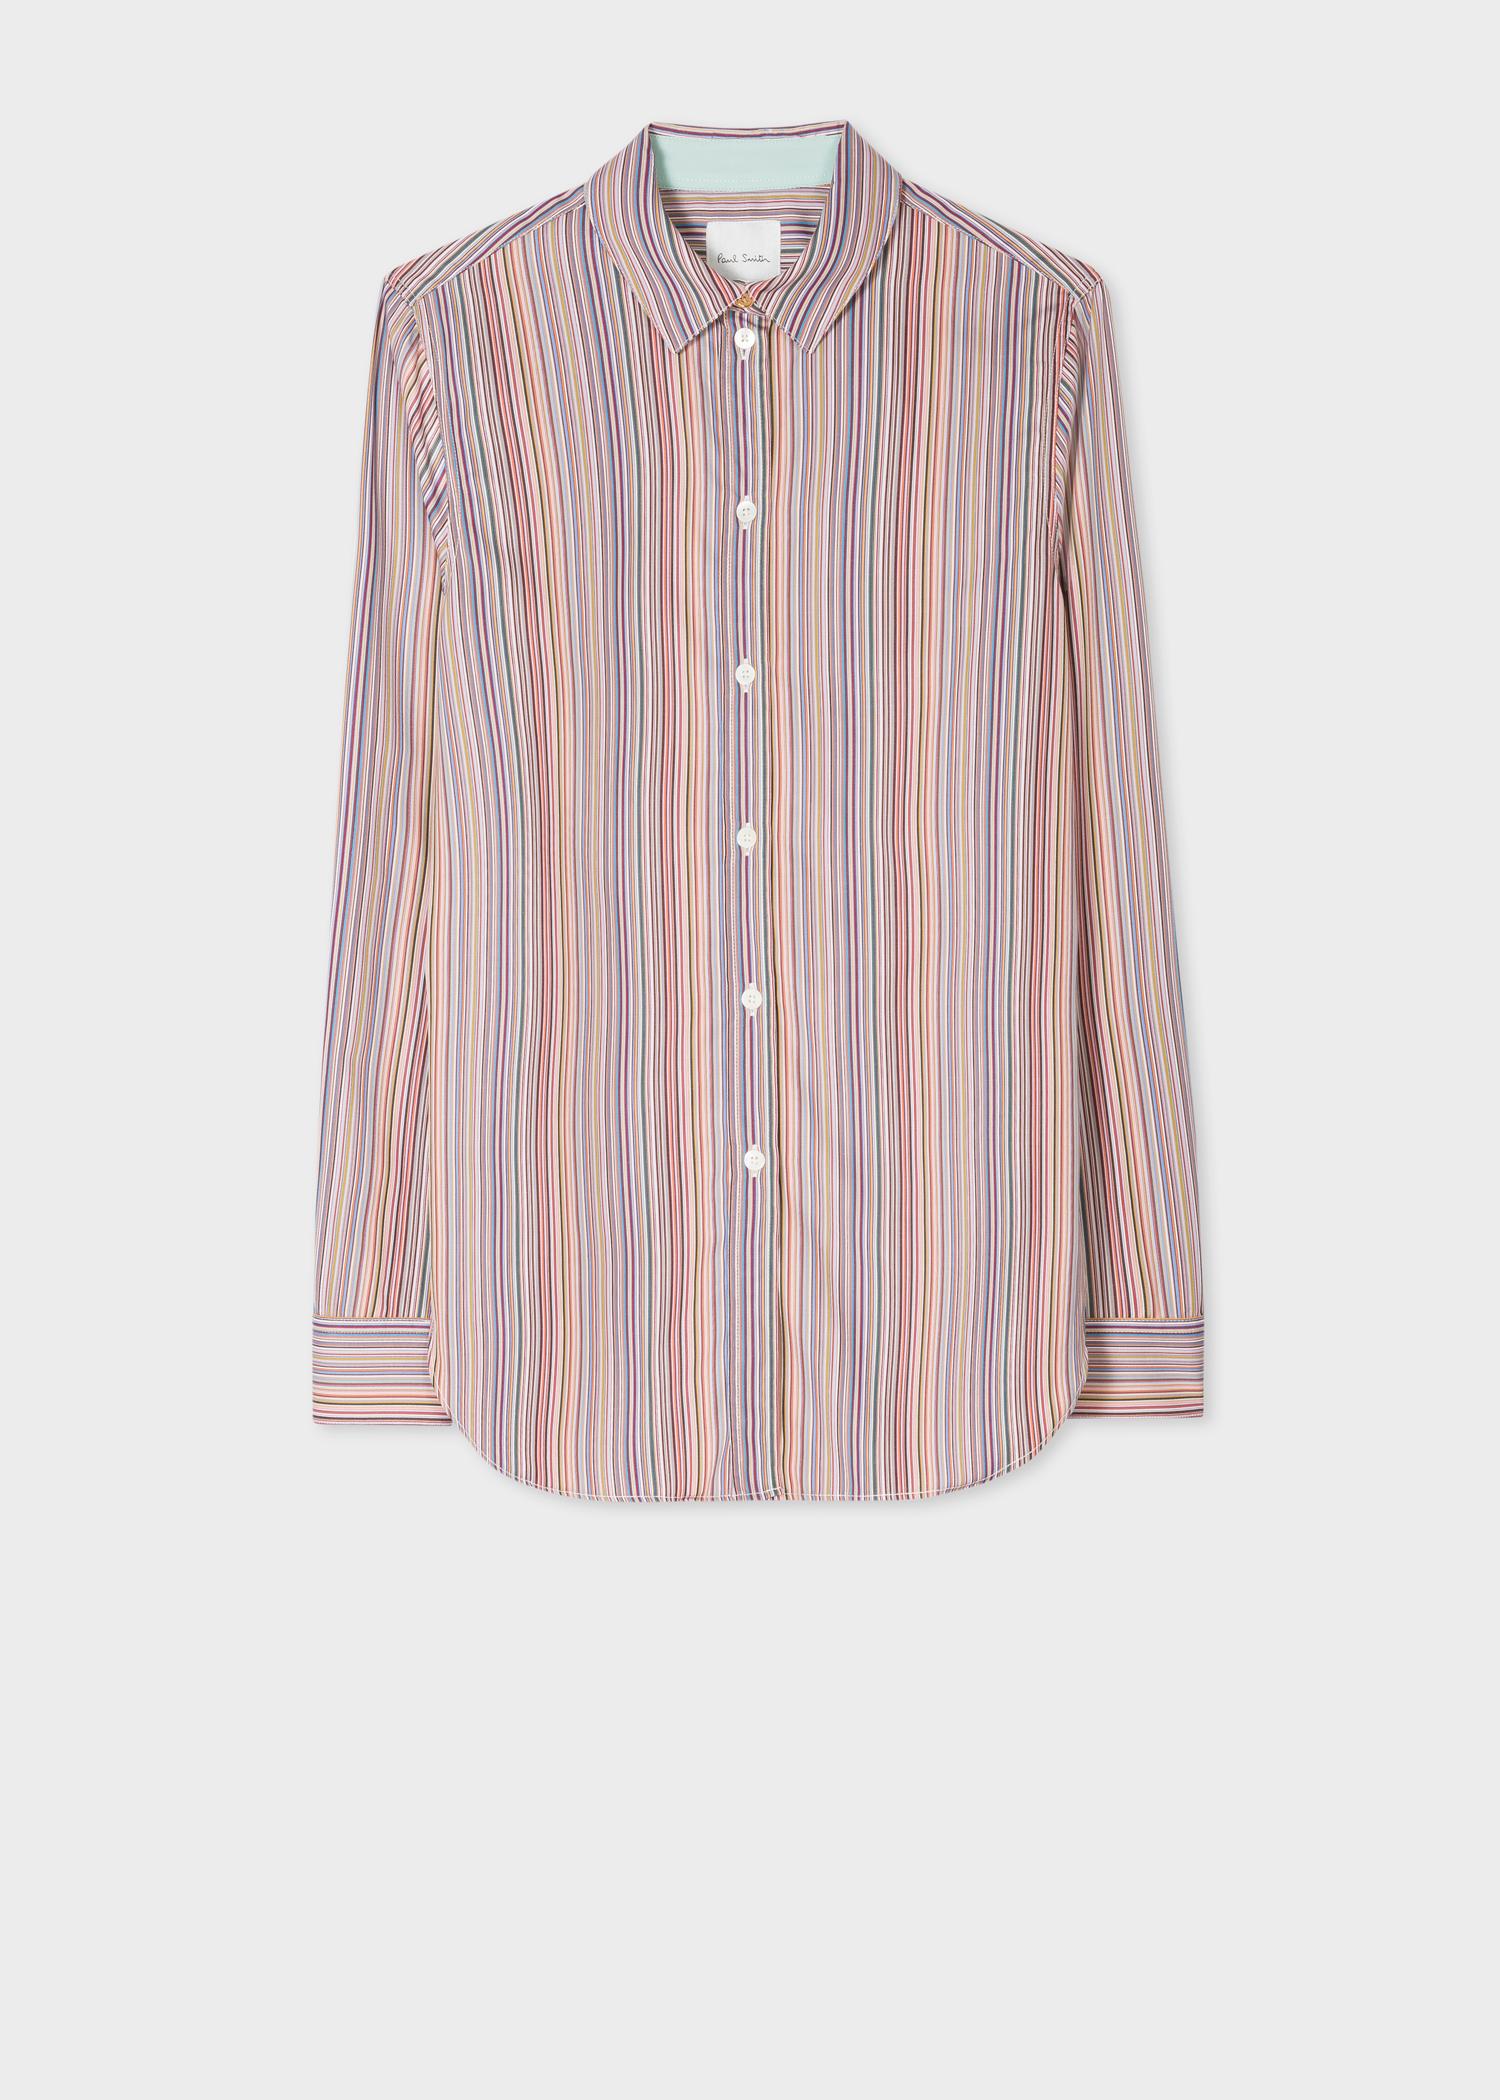 c965782afb9d3 Women's Slim-Fit 'Signature Stripe' Cotton Shirt